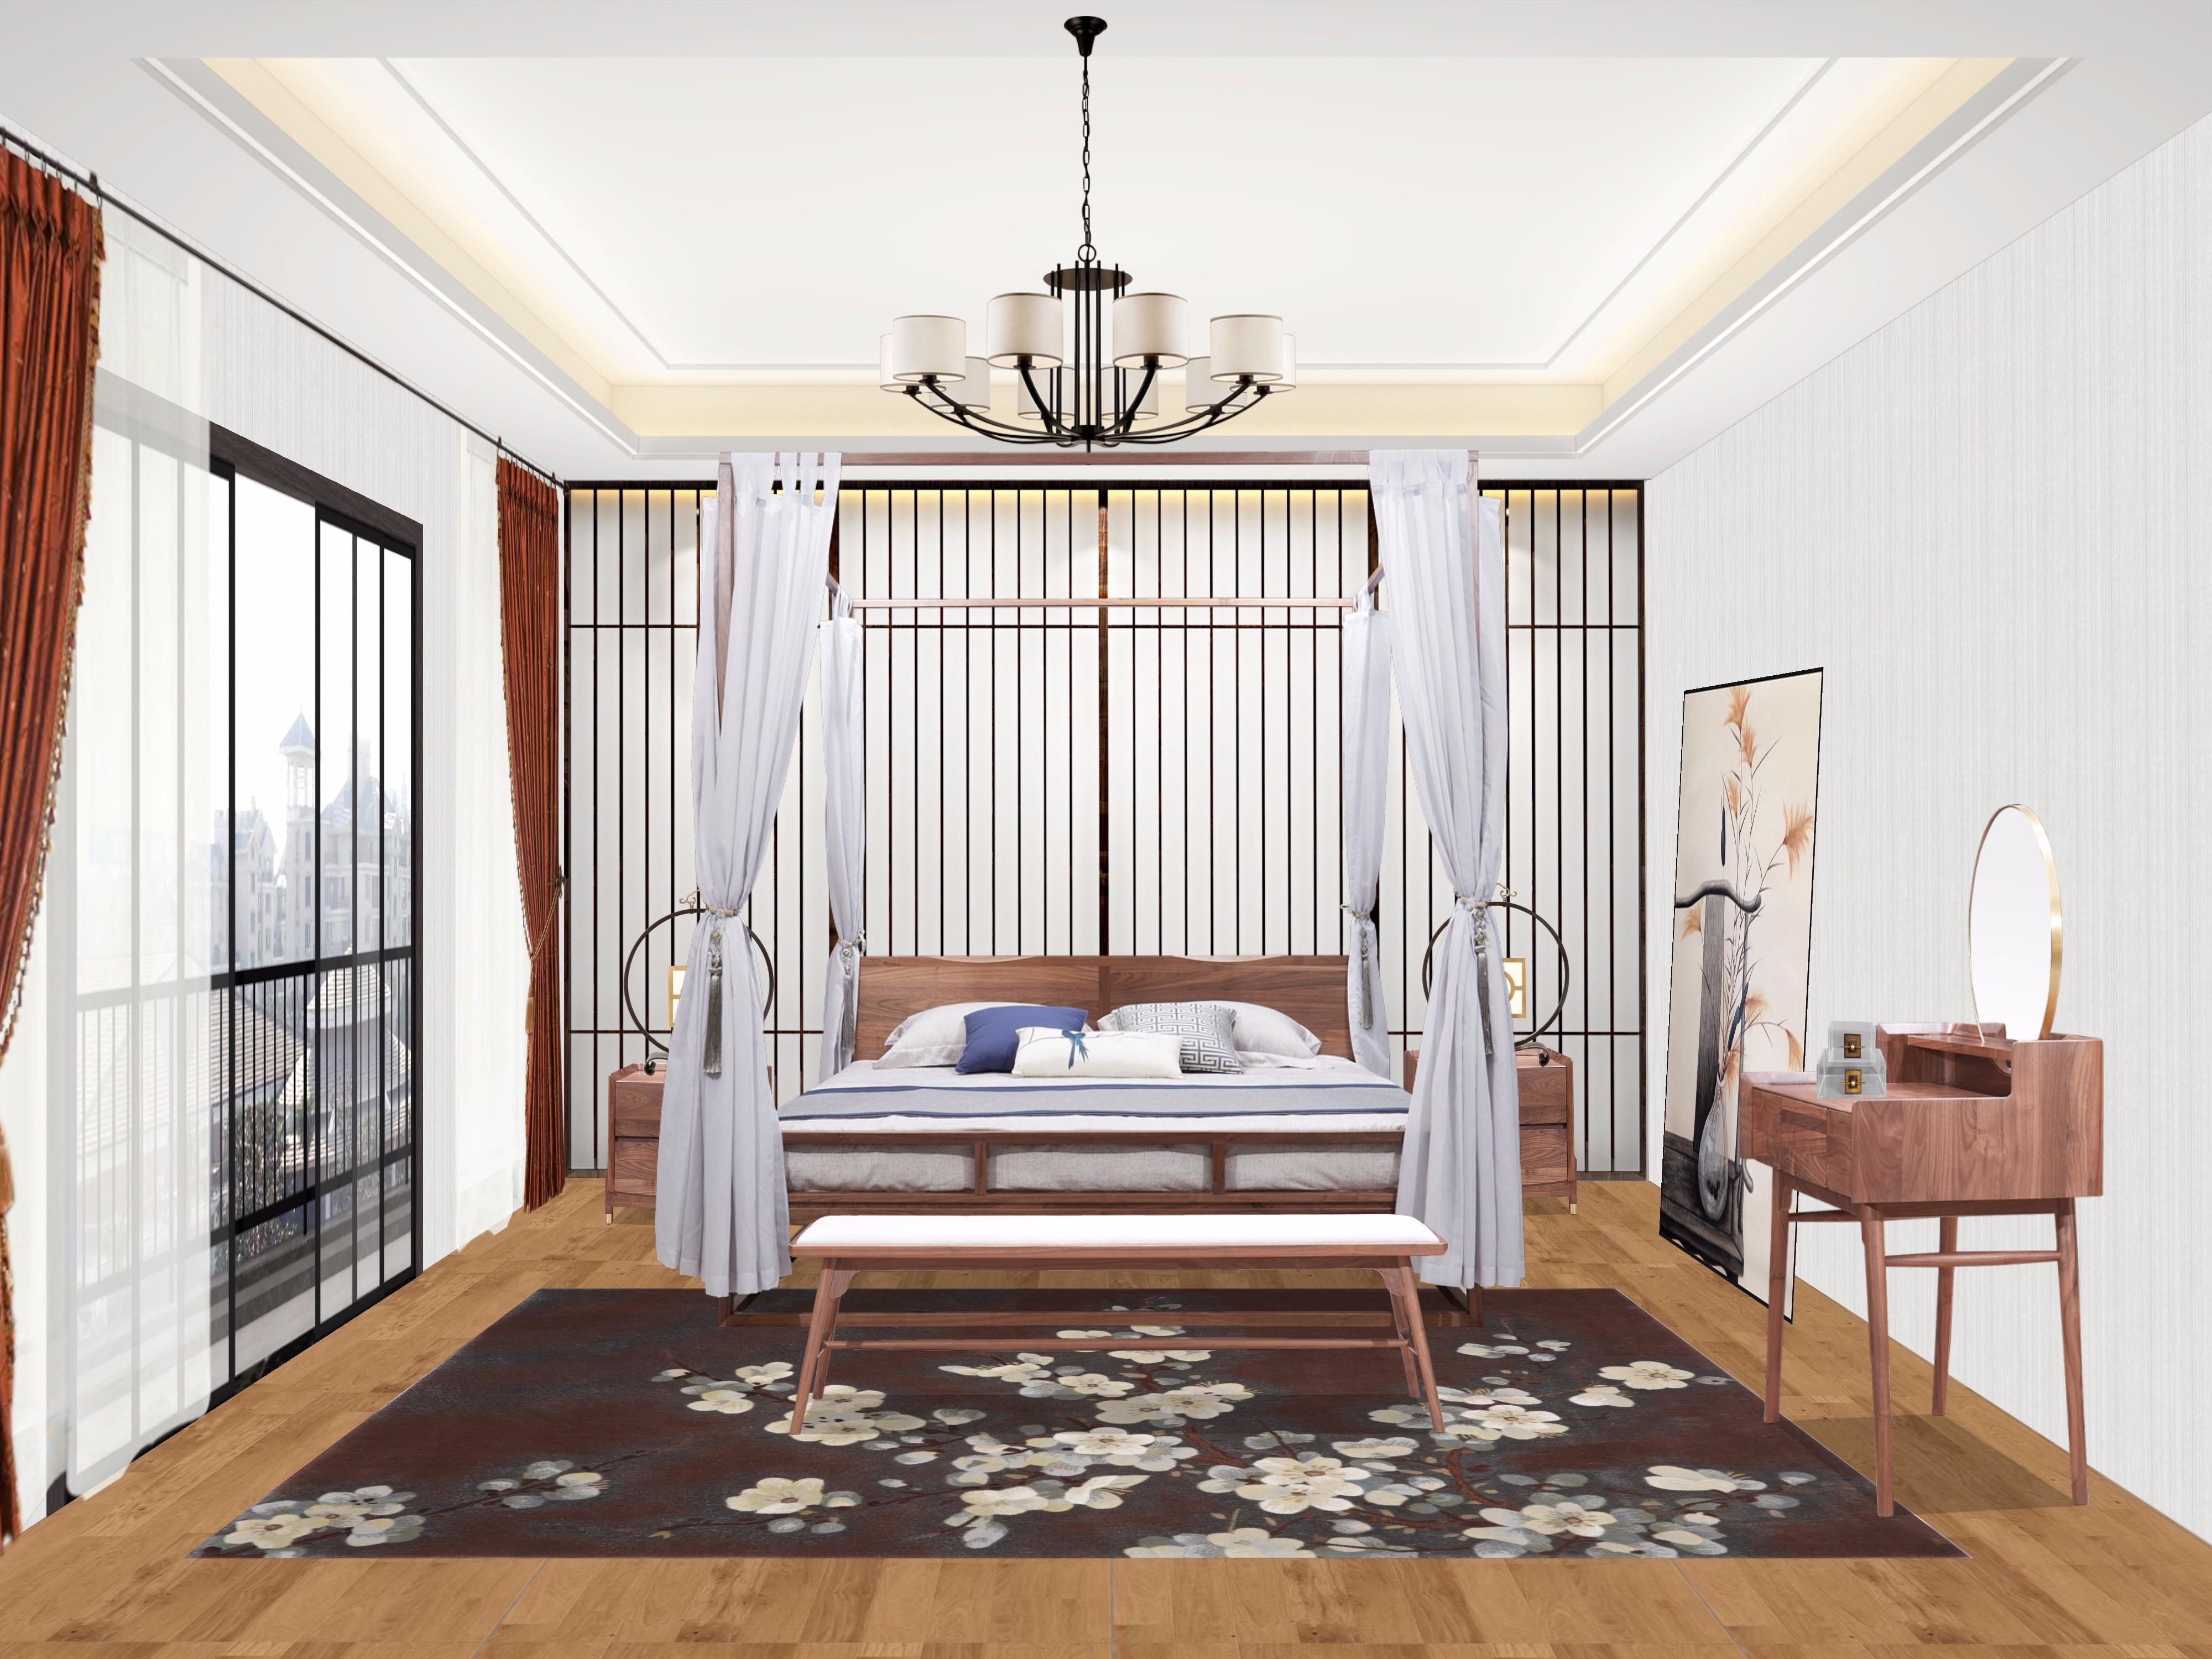 新中式客厅 卧室 书房 - 效果图交流区-建e室内设计网